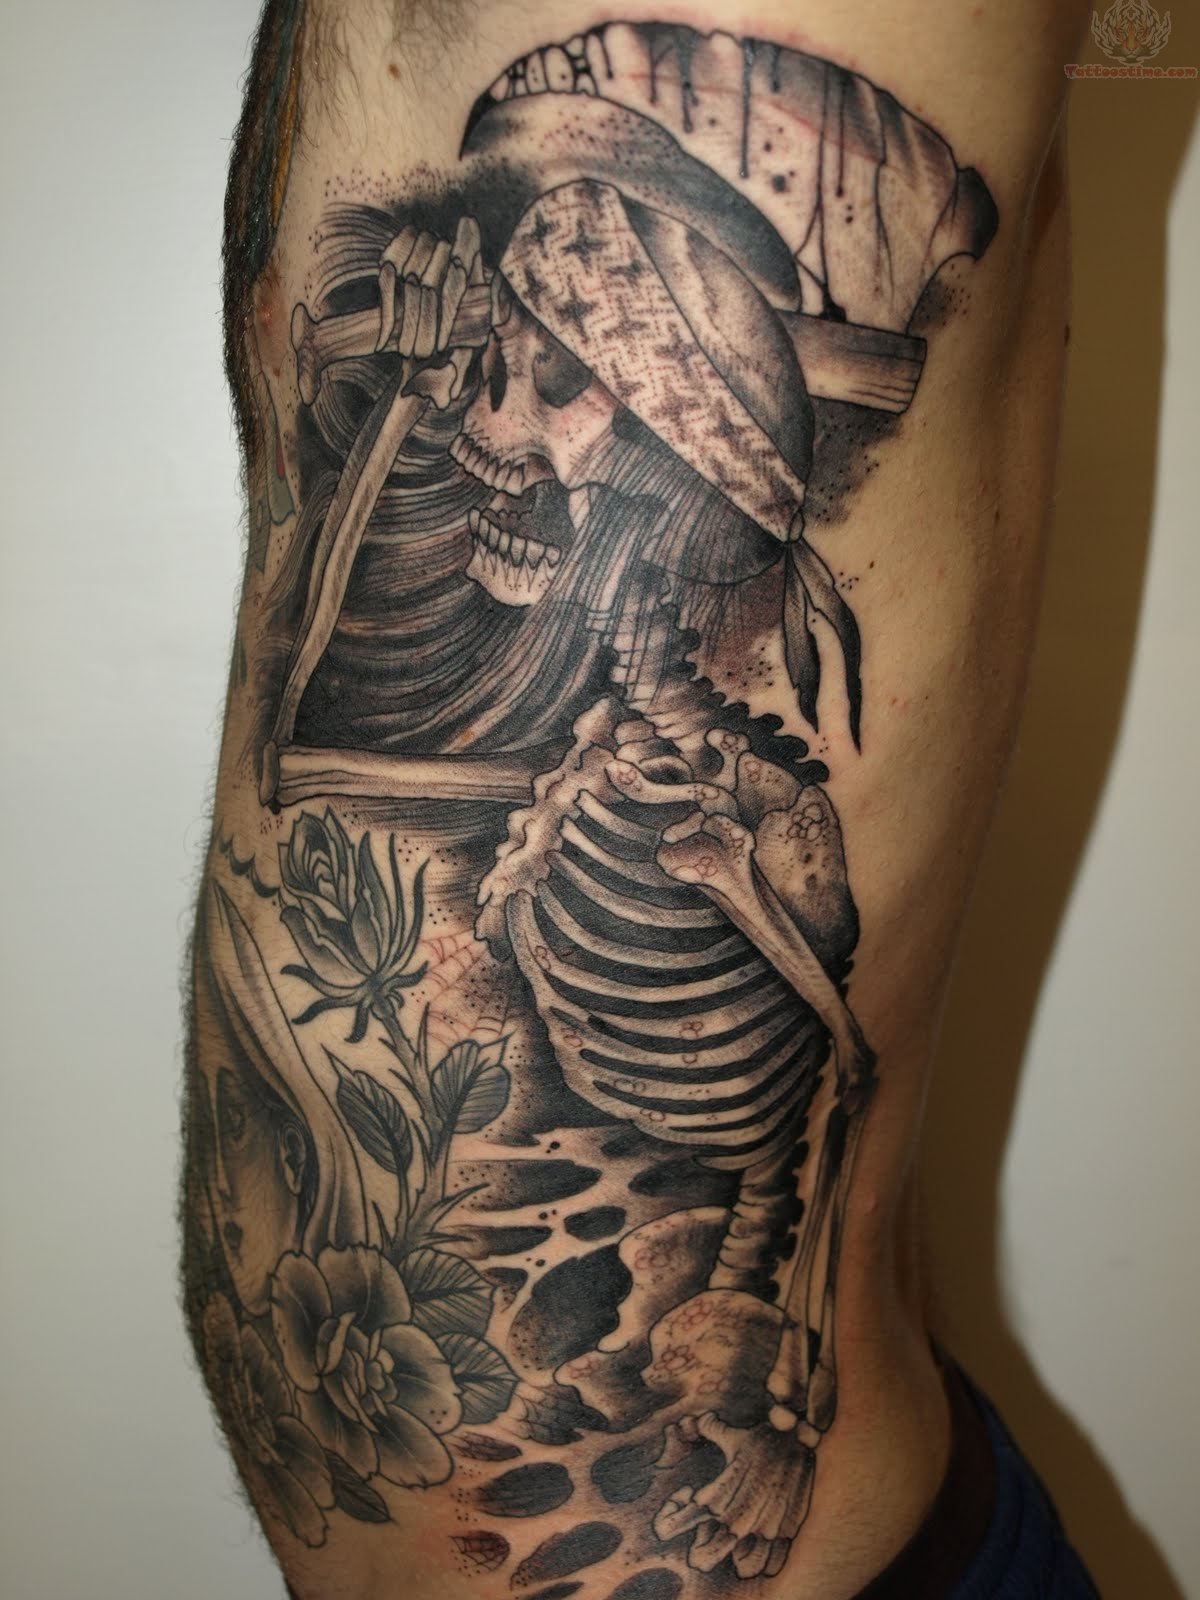 skeleton tattoo images designs. Black Bedroom Furniture Sets. Home Design Ideas